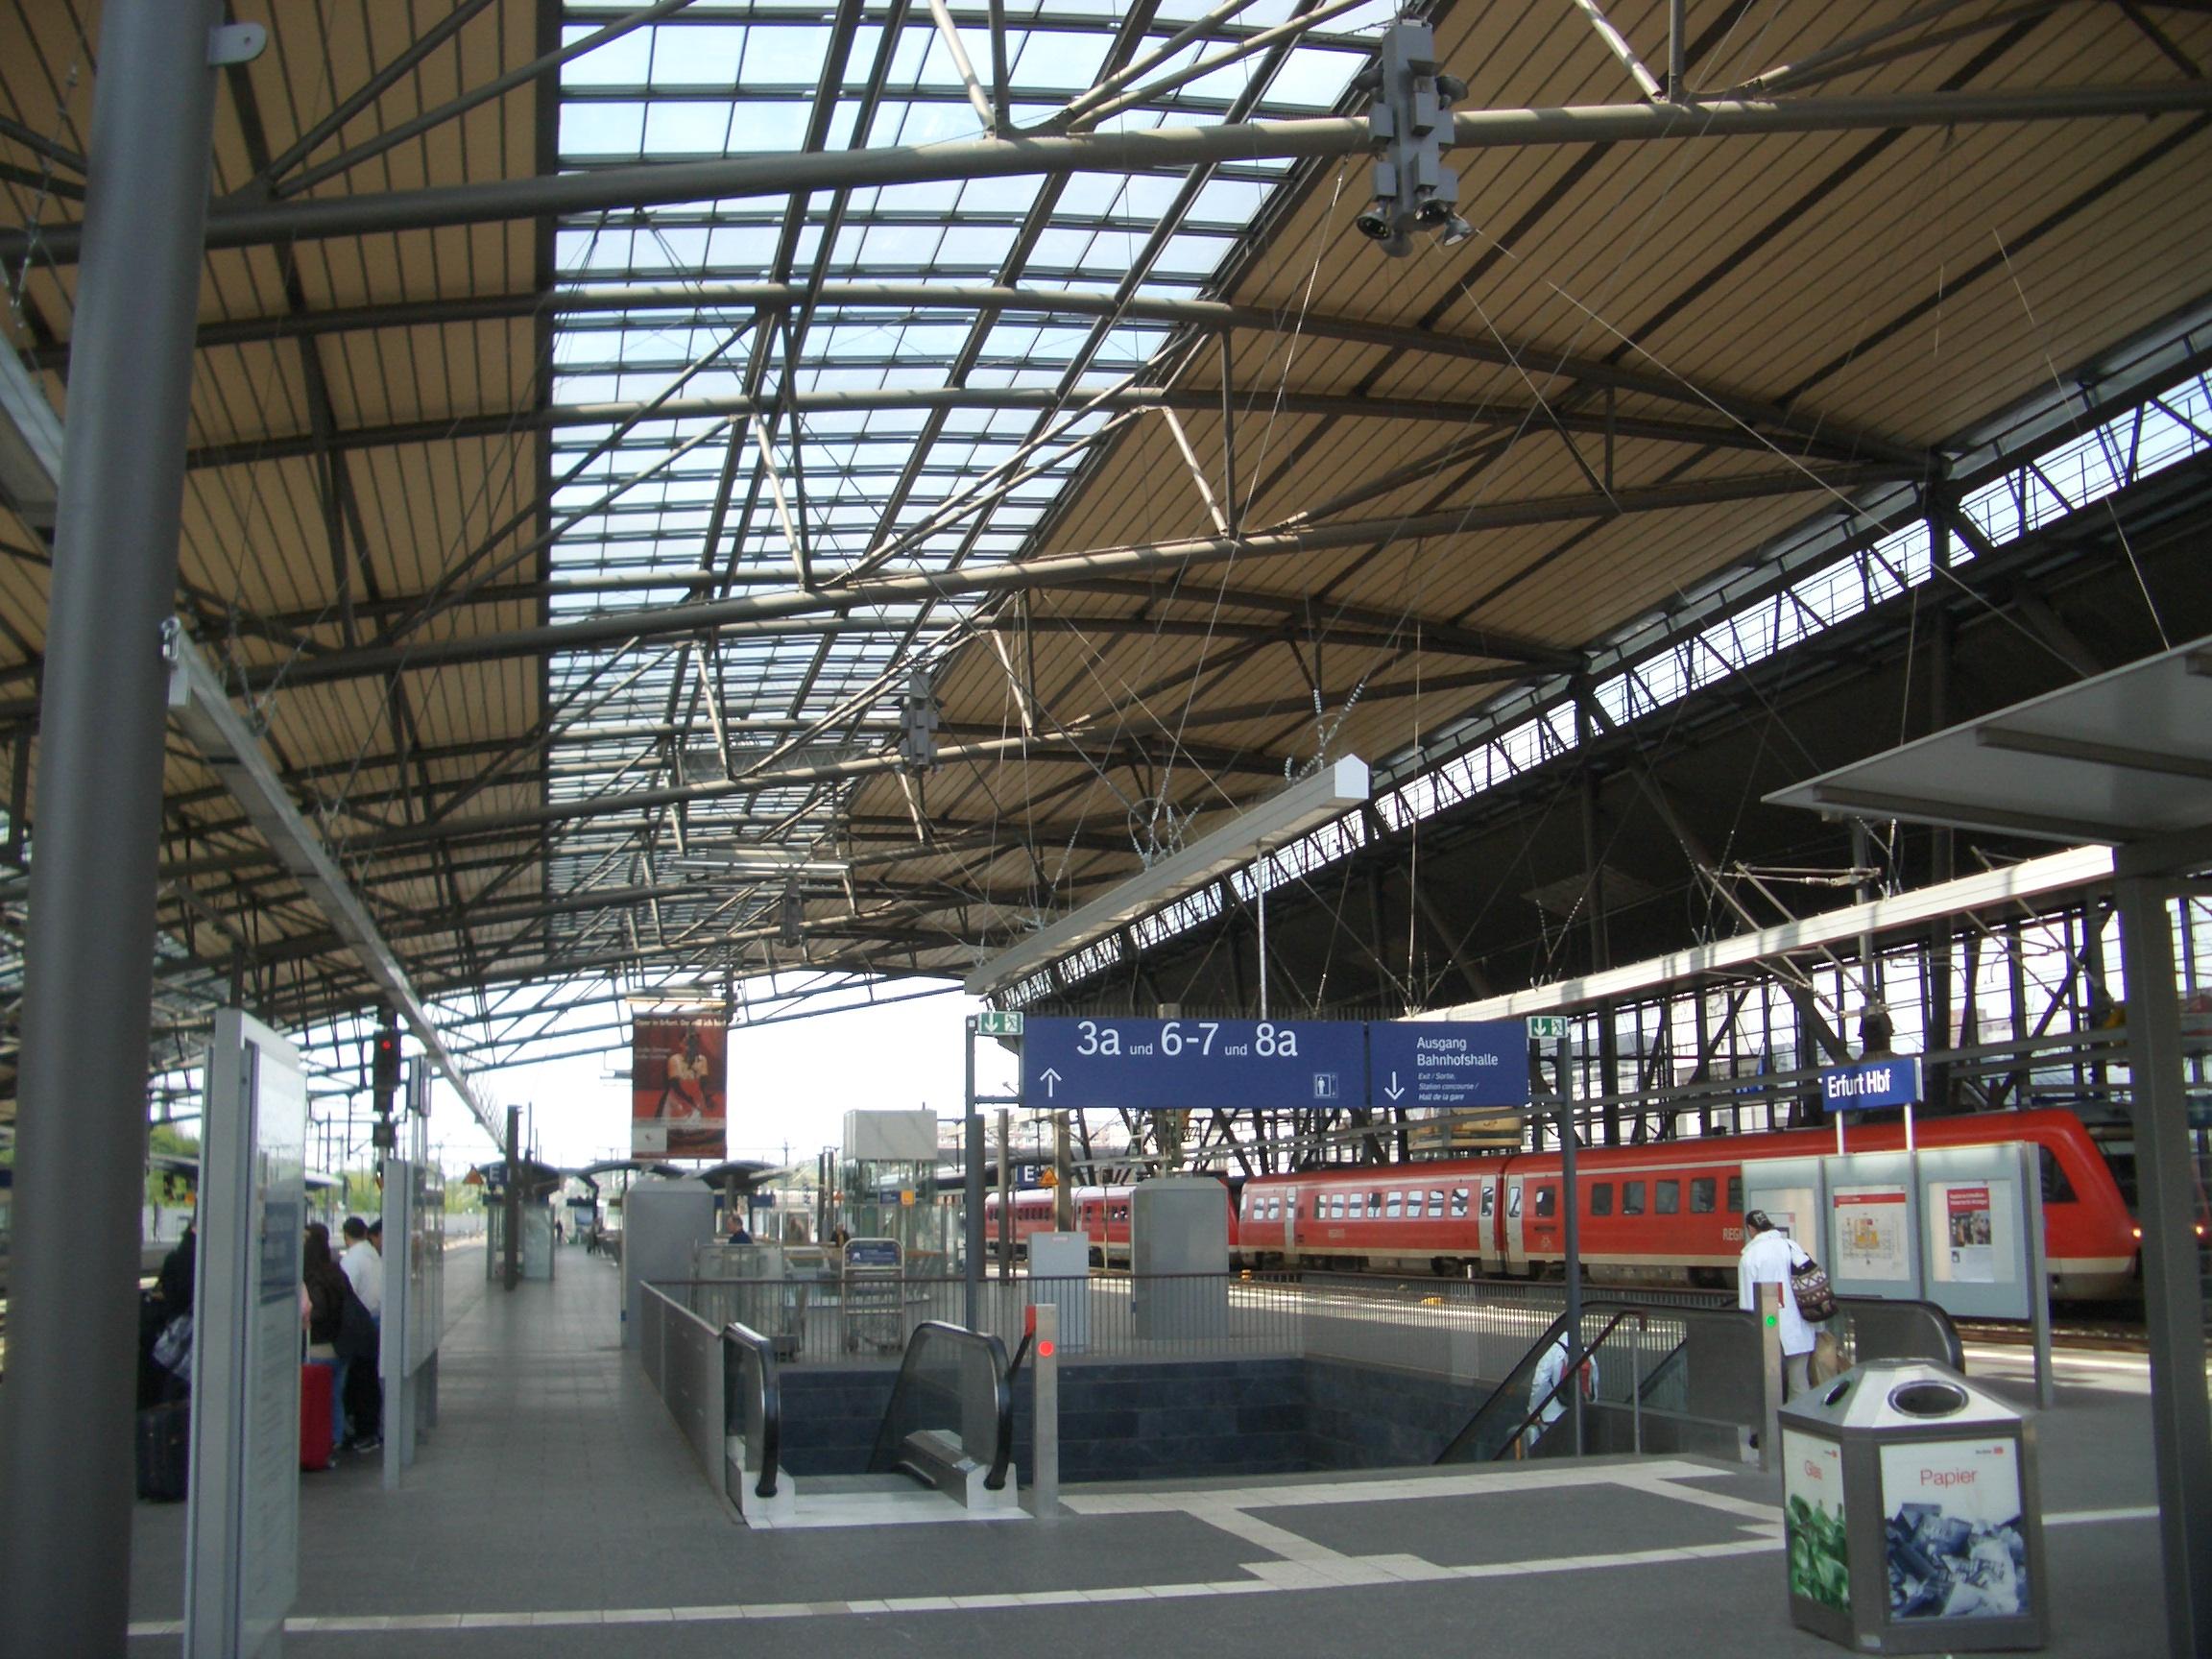 Bahnsteighalle im Hbf Erfurt